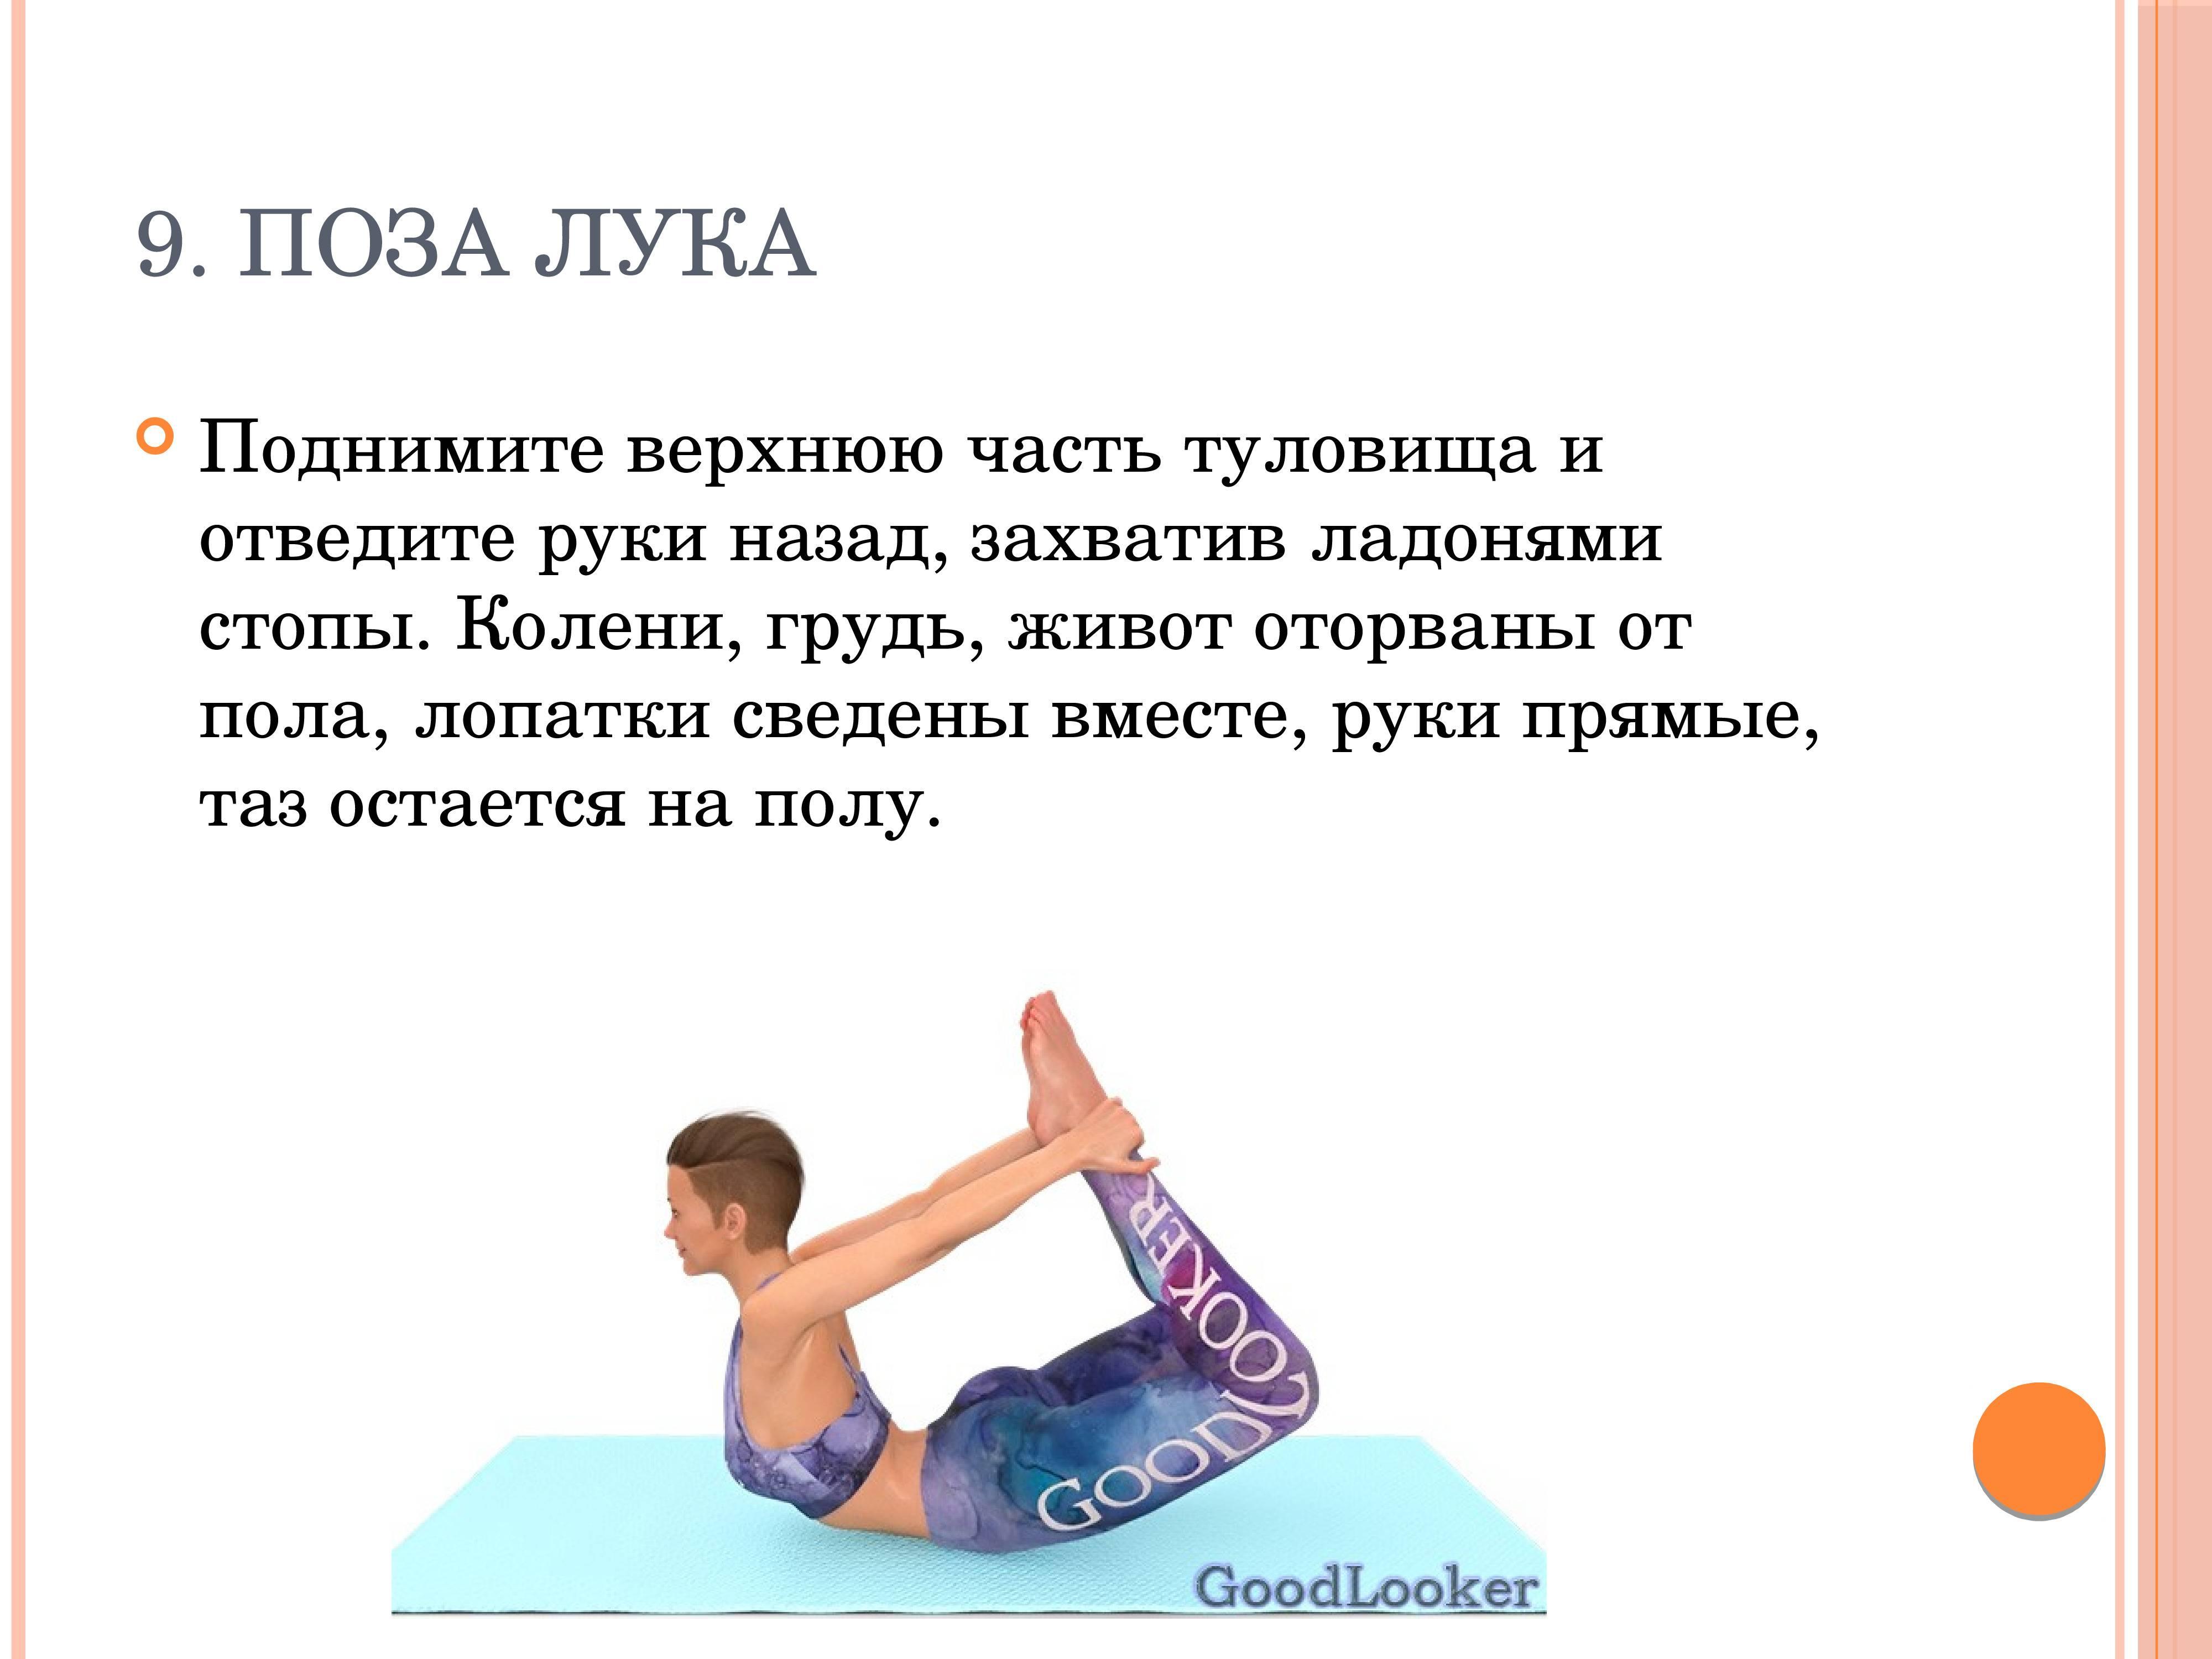 Йога для улучшения осанки